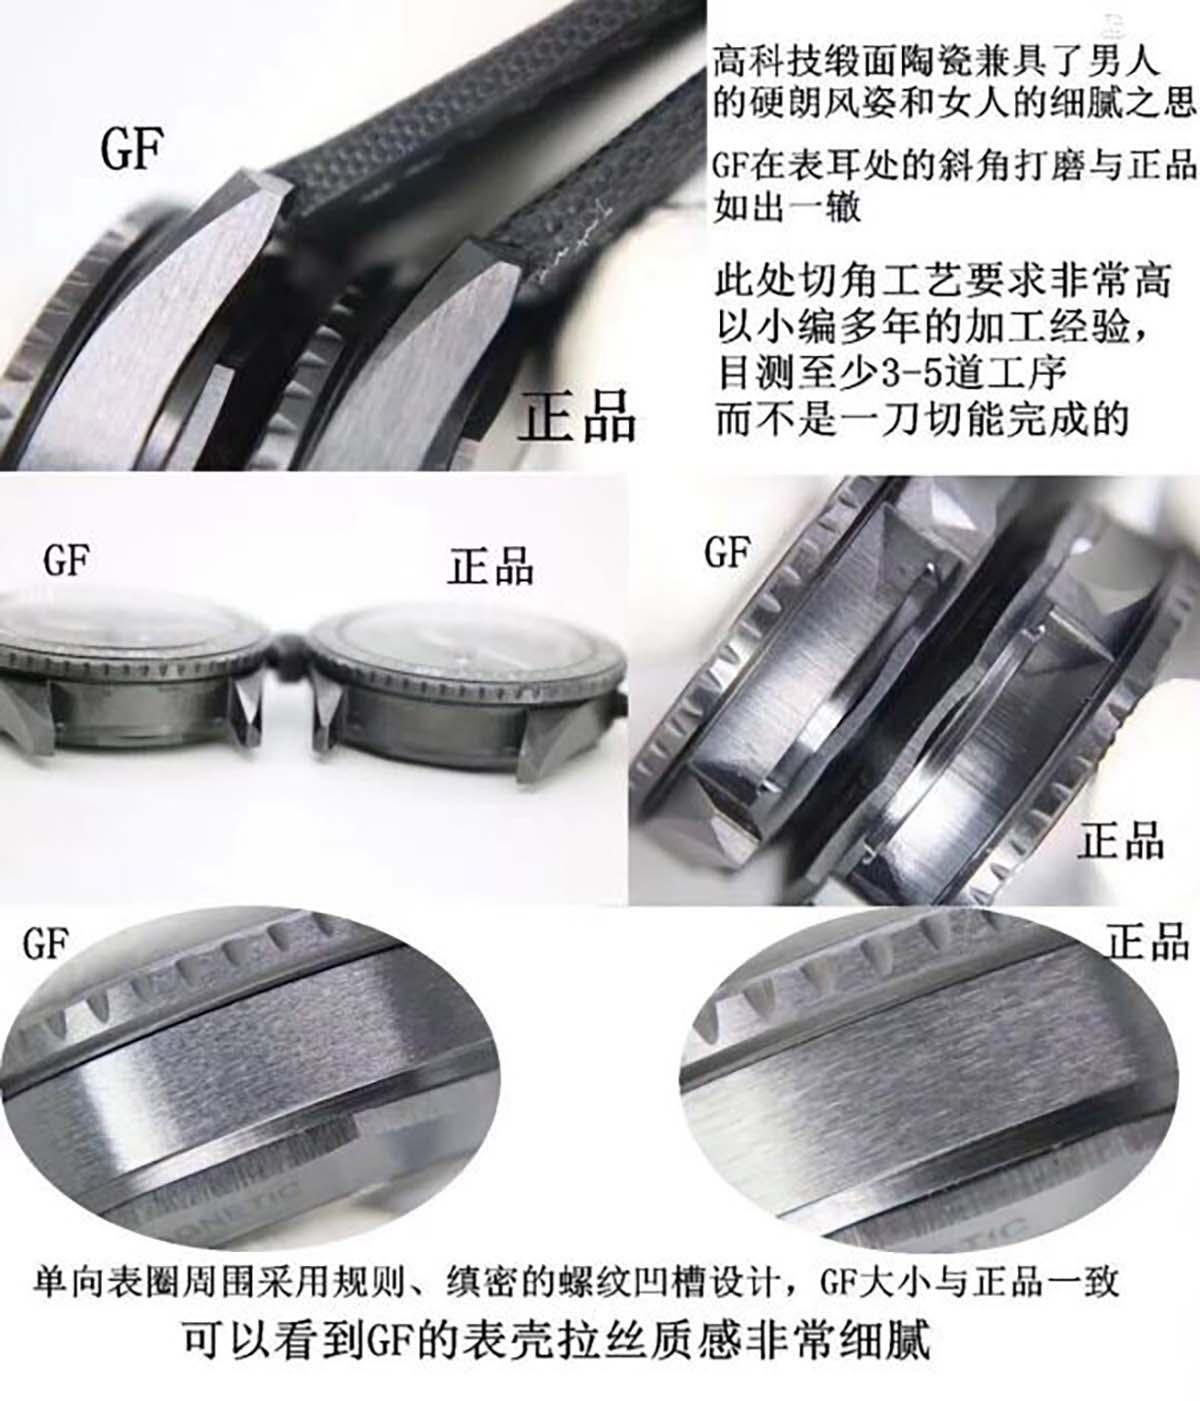 GF厂复刻版宝珀五十噚腕表对比正品图文细节品鉴-GF厂腕表评测